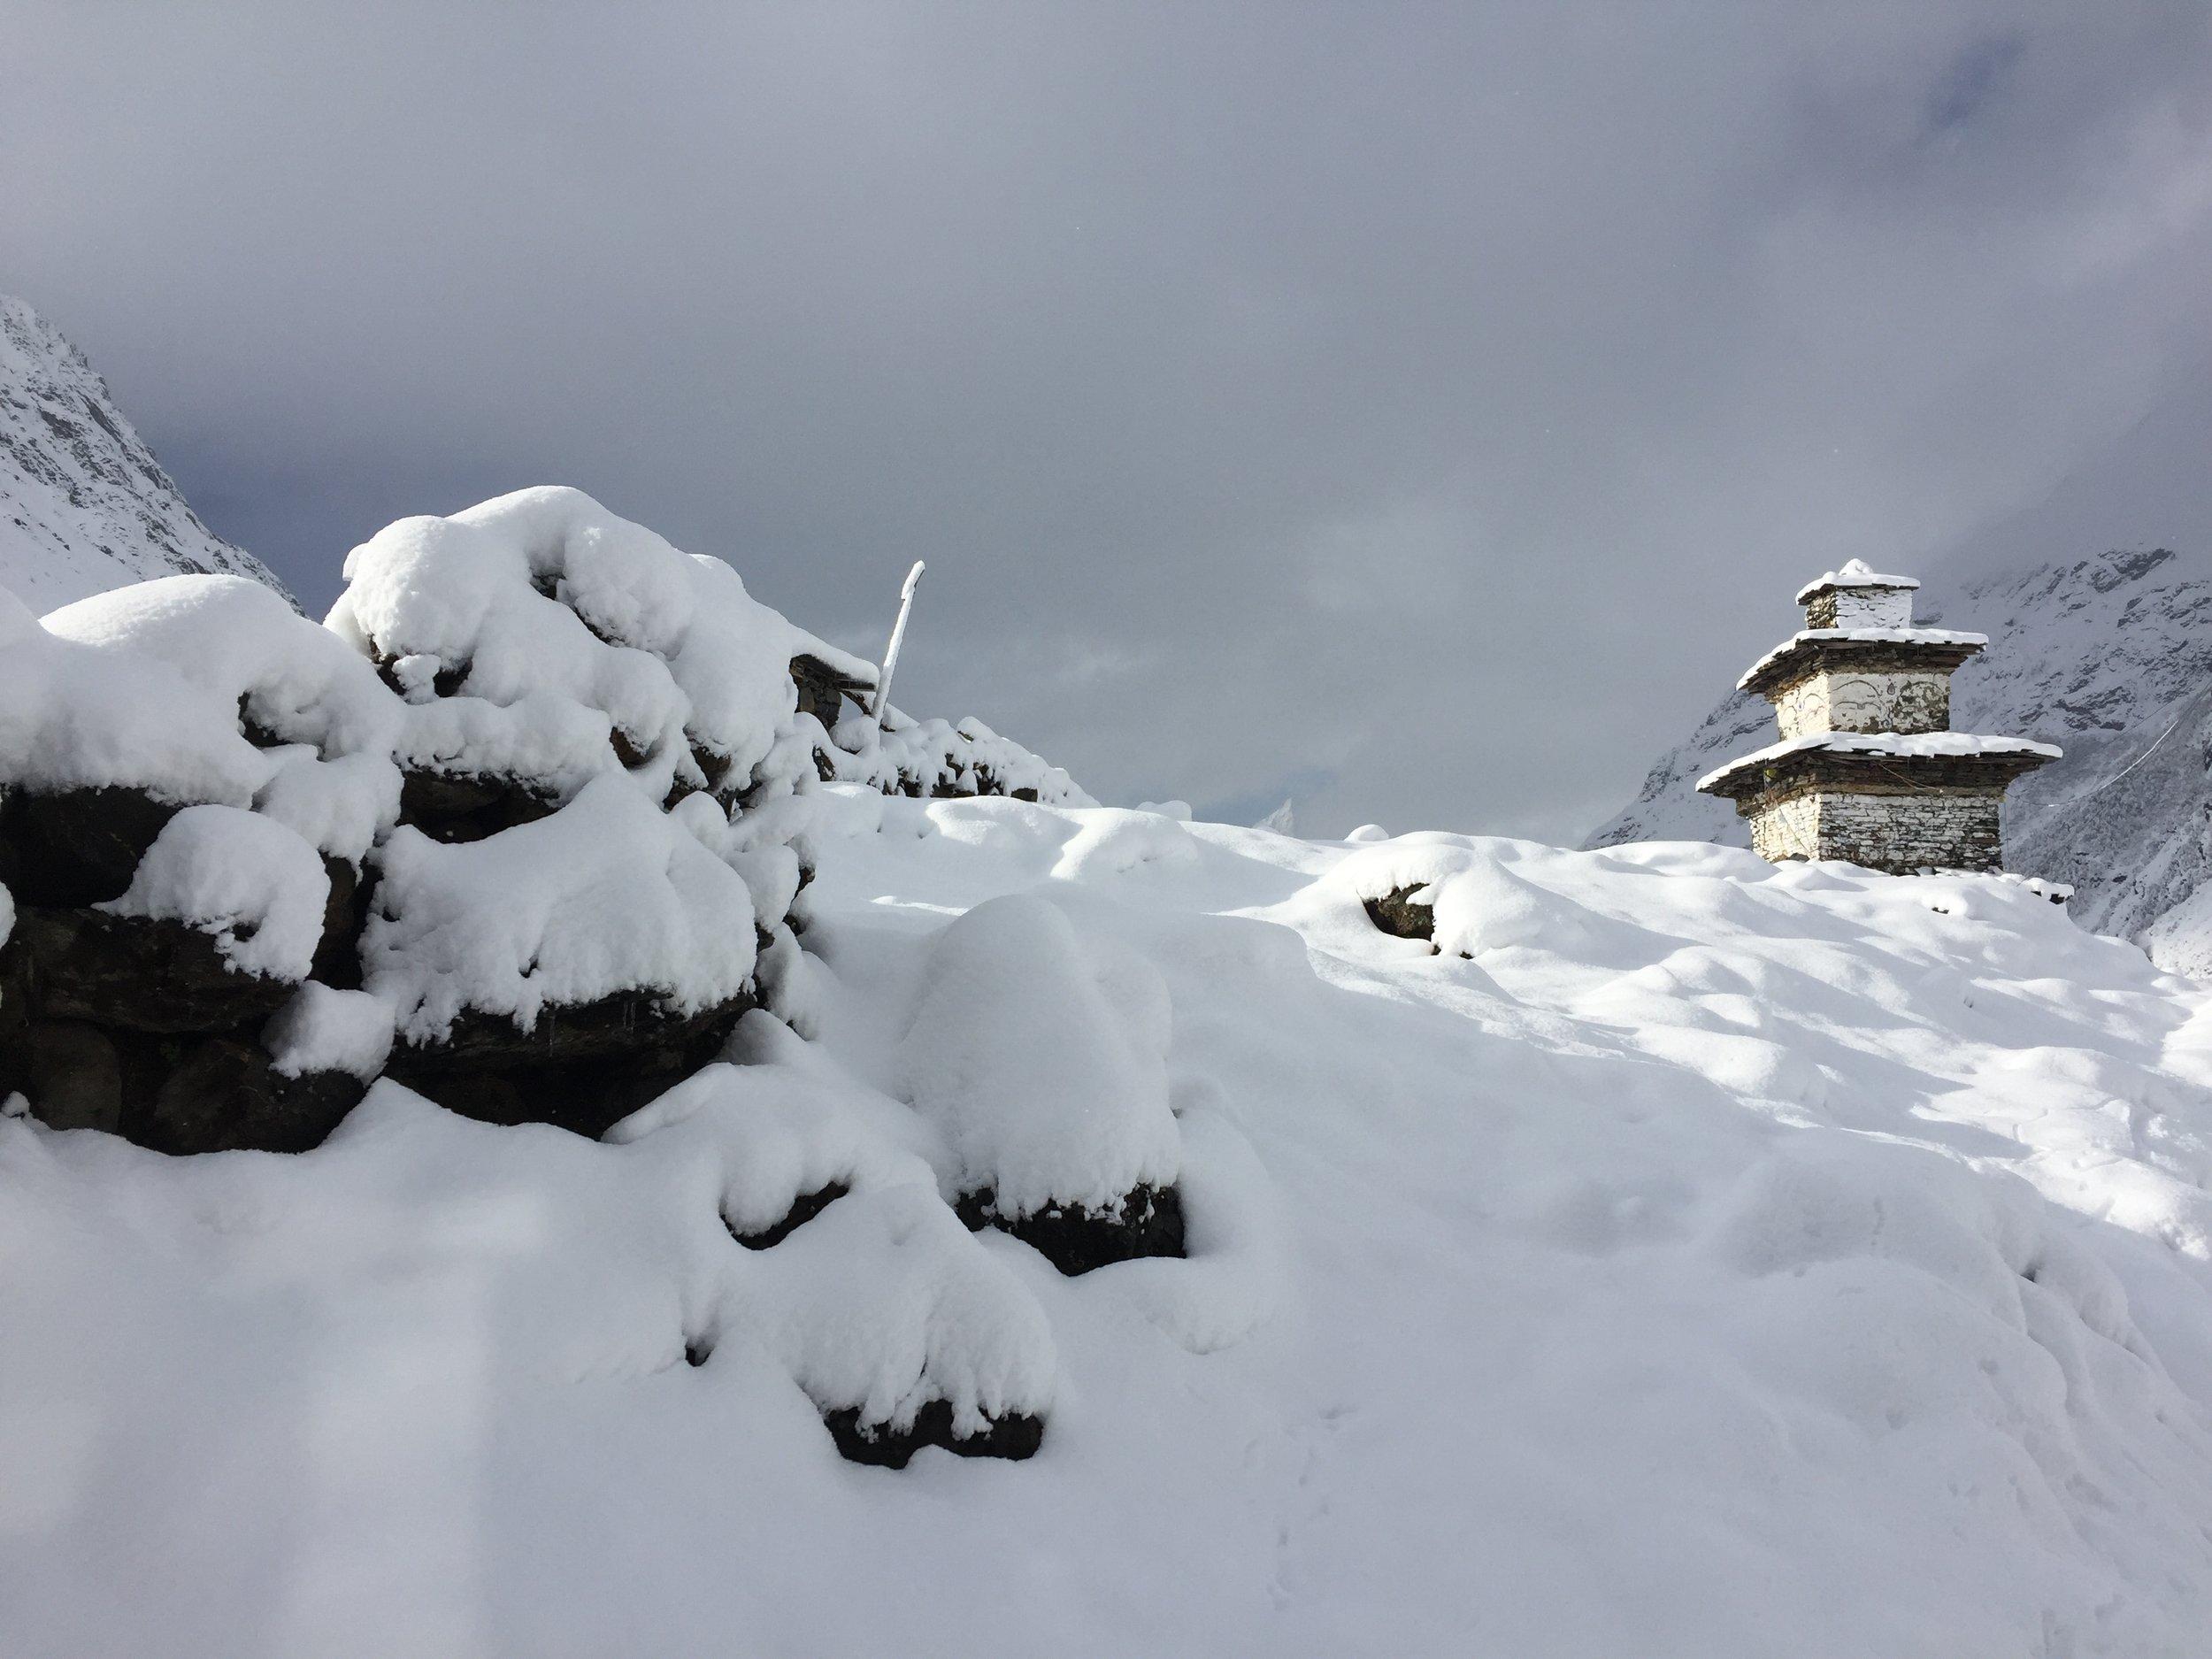 Bảo tháp phật giáo chìm trong tuyết